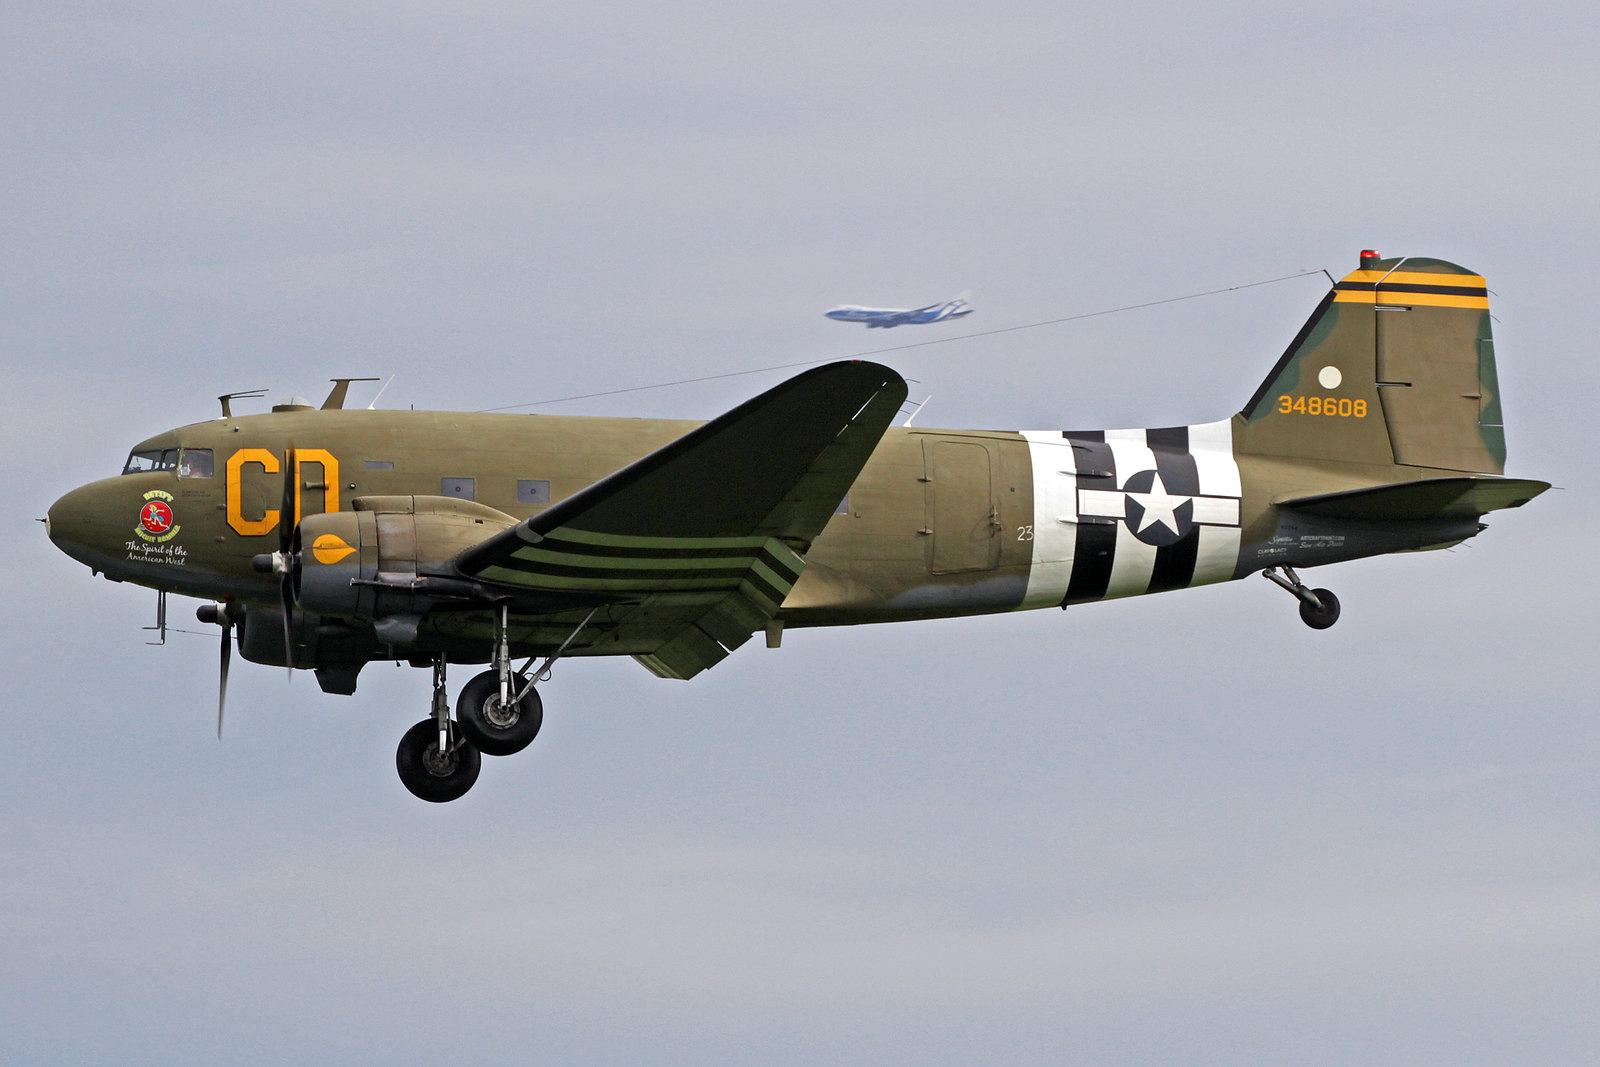 """N47SJ - """"Betsy's Biscuit Bomber"""" ist eine Douglas C-47B Skytrain (DC-3C-R)  (s/n 43-48608), die im April 1944 in der Douglas Aircraft Company in Oklahoma City hergestellt wurde. Heute gehört sie der Gooney Bird Group Inc. in Templeton, Kalifornien."""